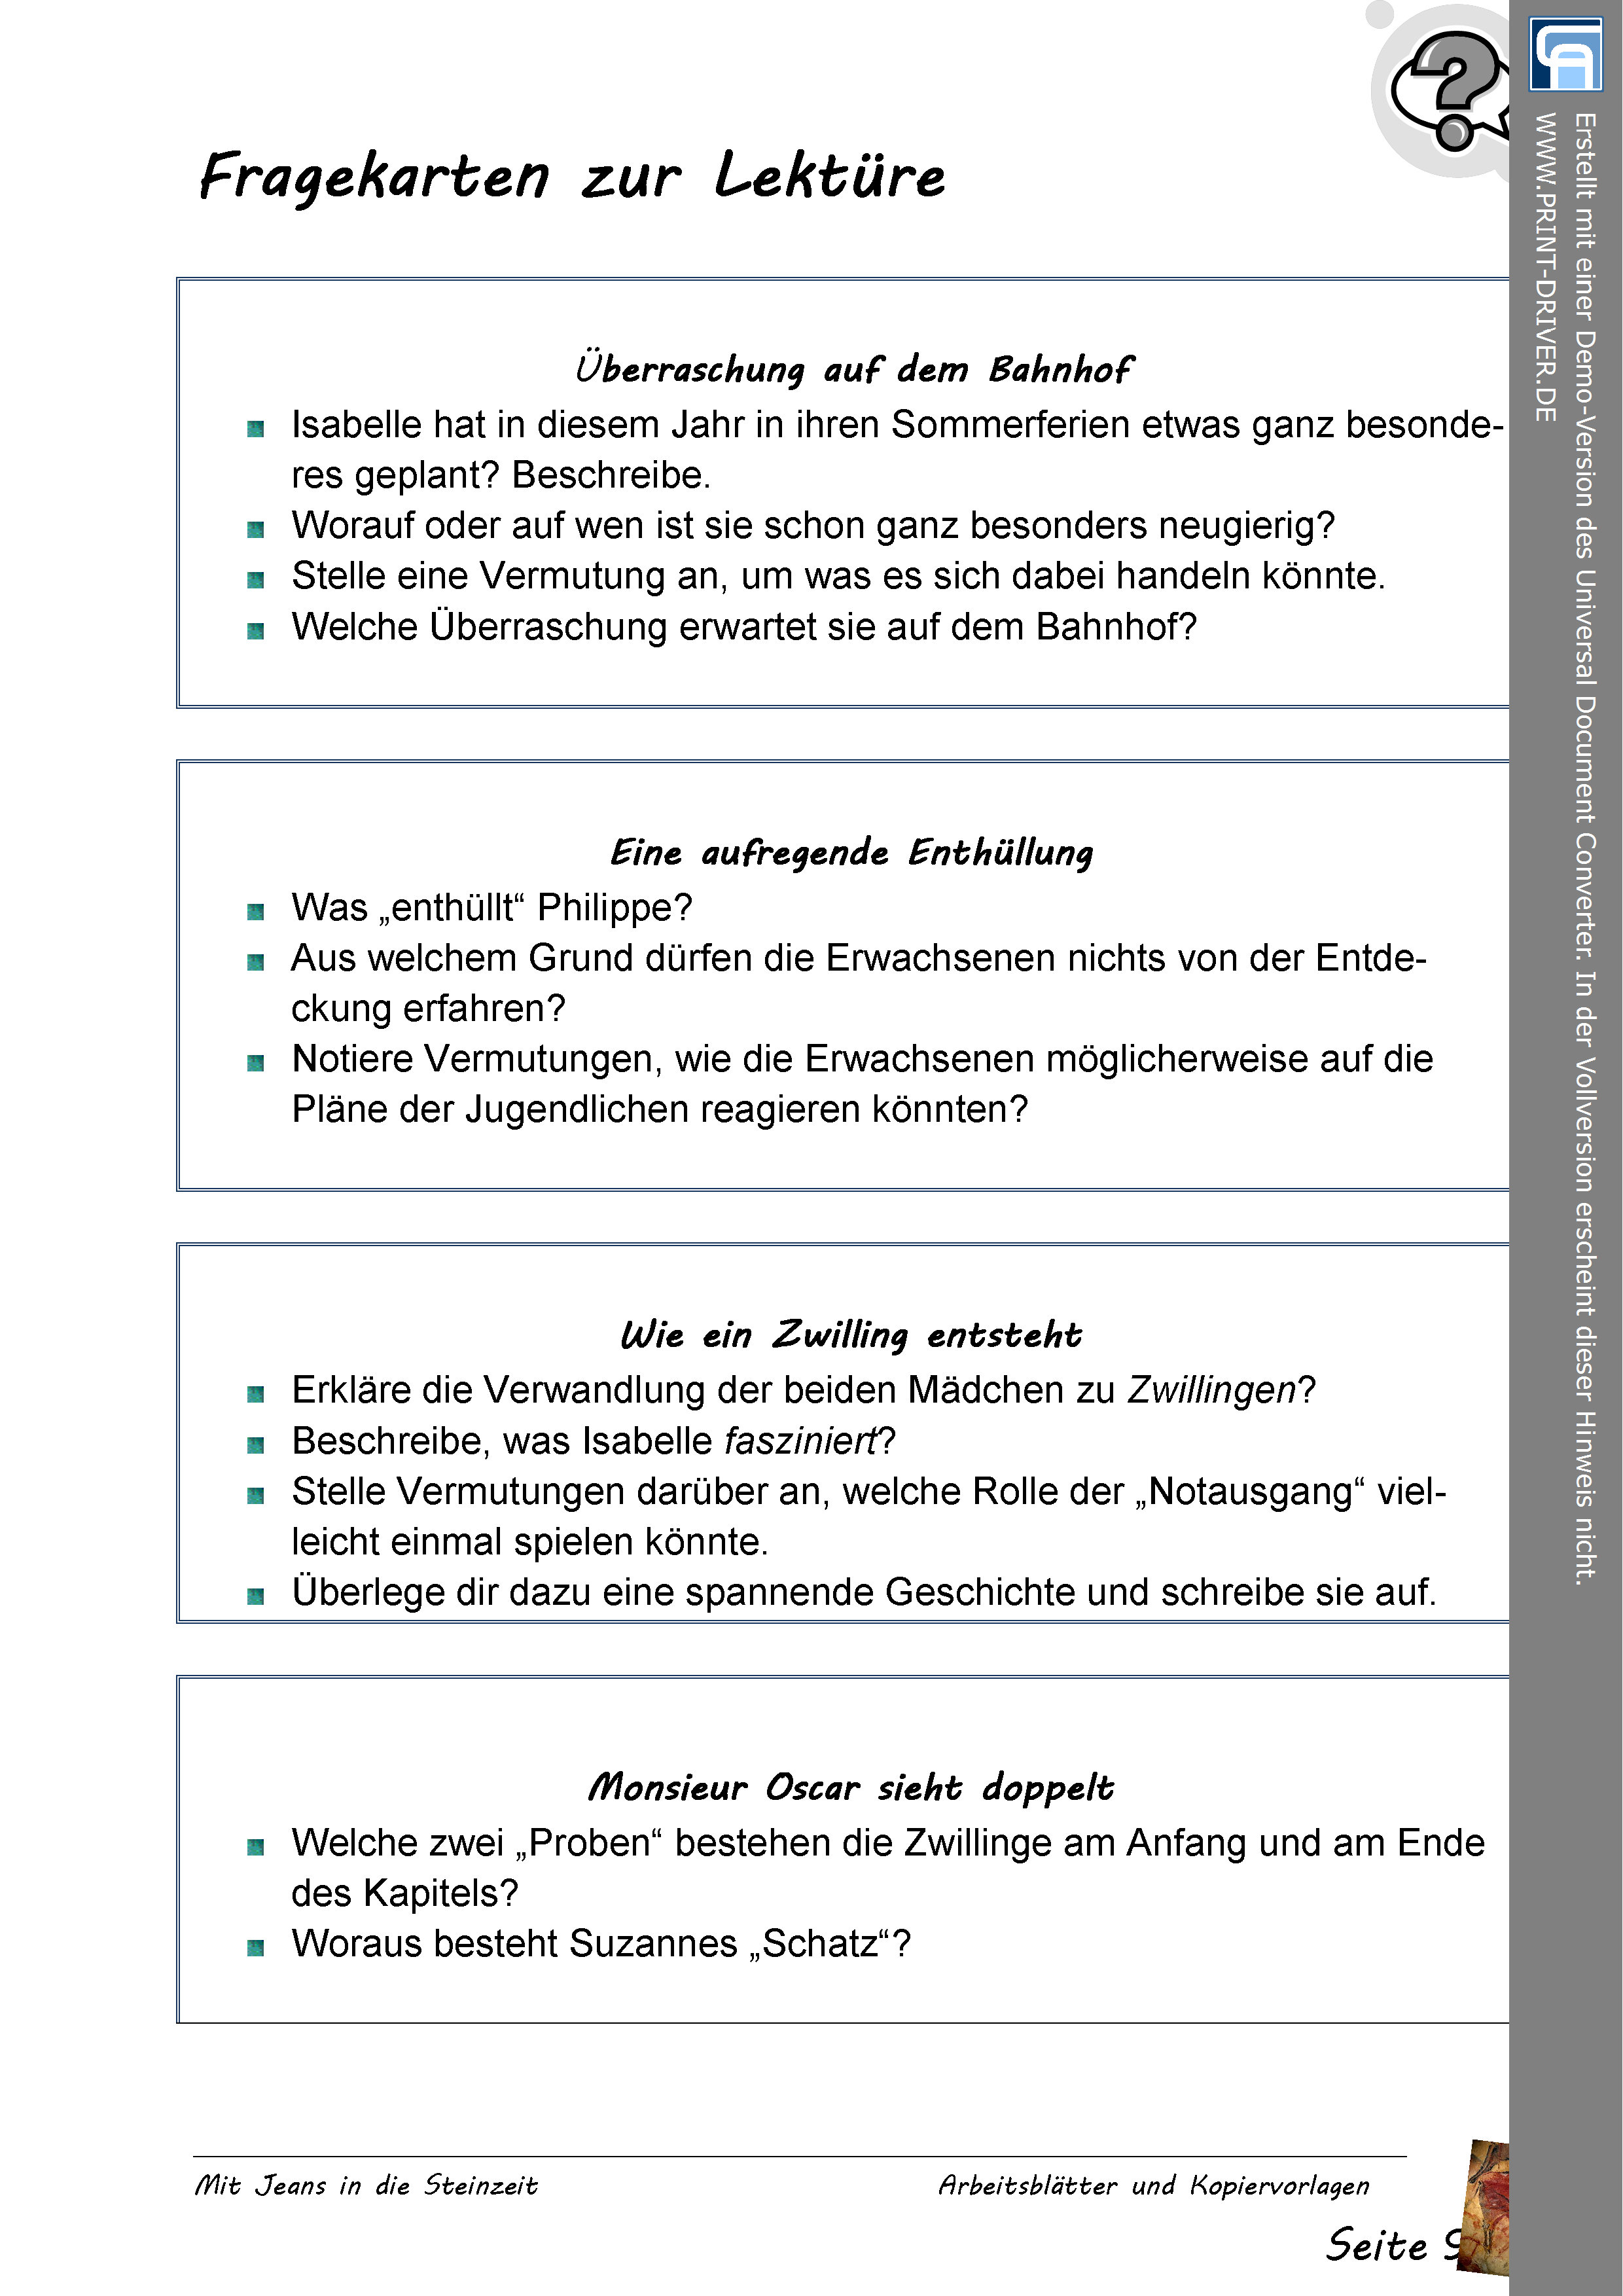 Anne Frank Tagebuch im Deutschunterricht - Material, Kopiervorlagen ...